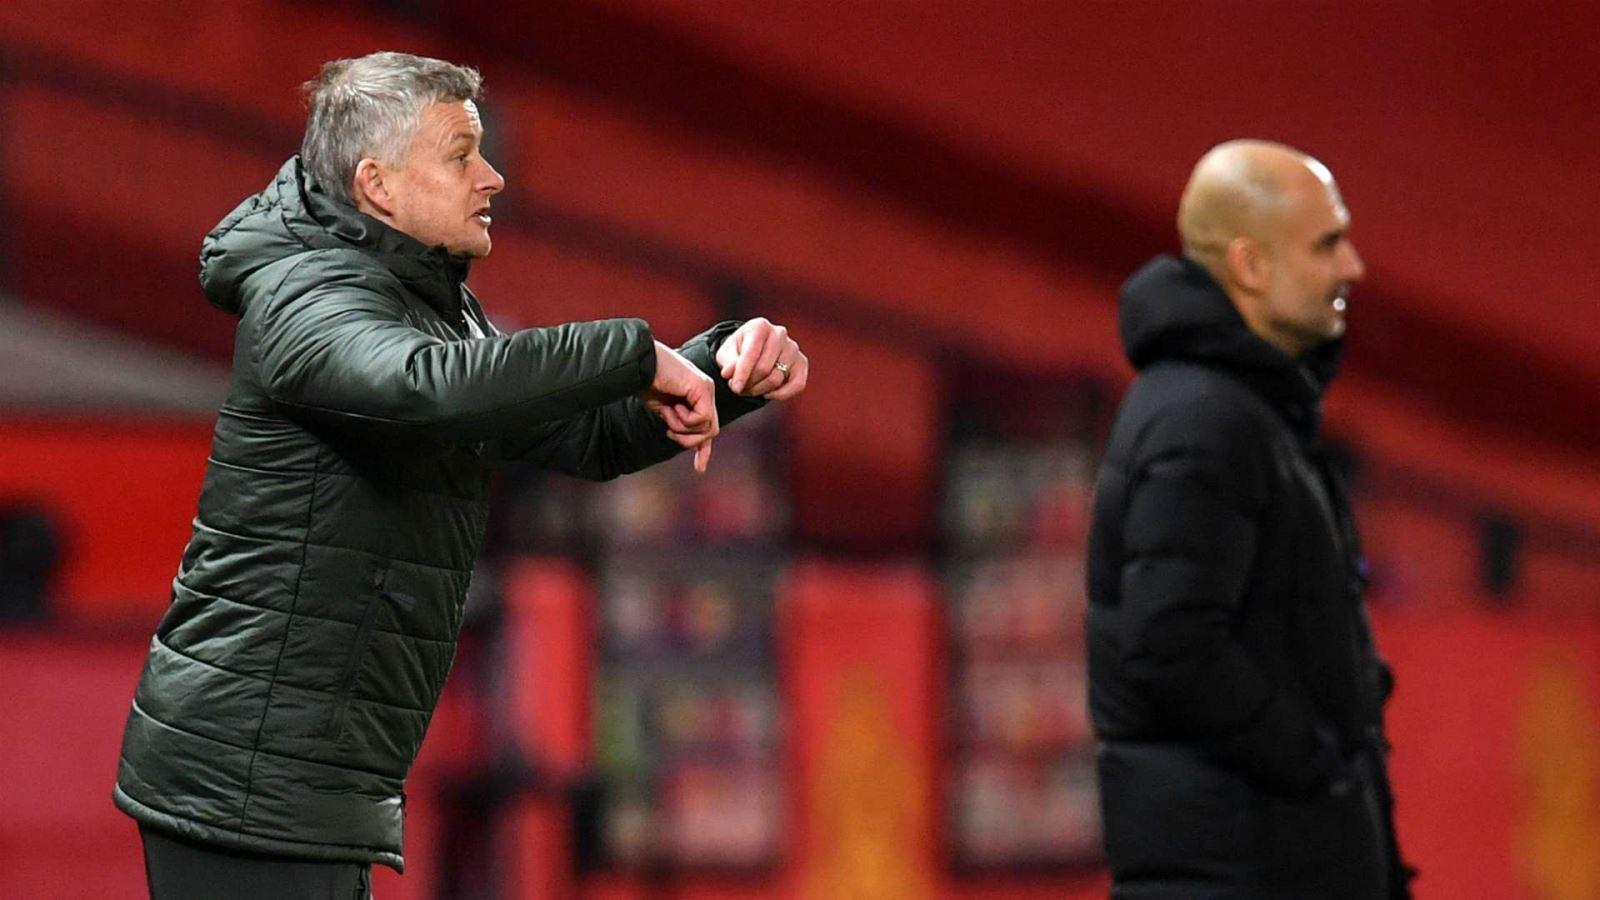 Lịch thi đấu ngoại hạng Anh vòng 27:Man City vs MU, Chelsea vs Everton